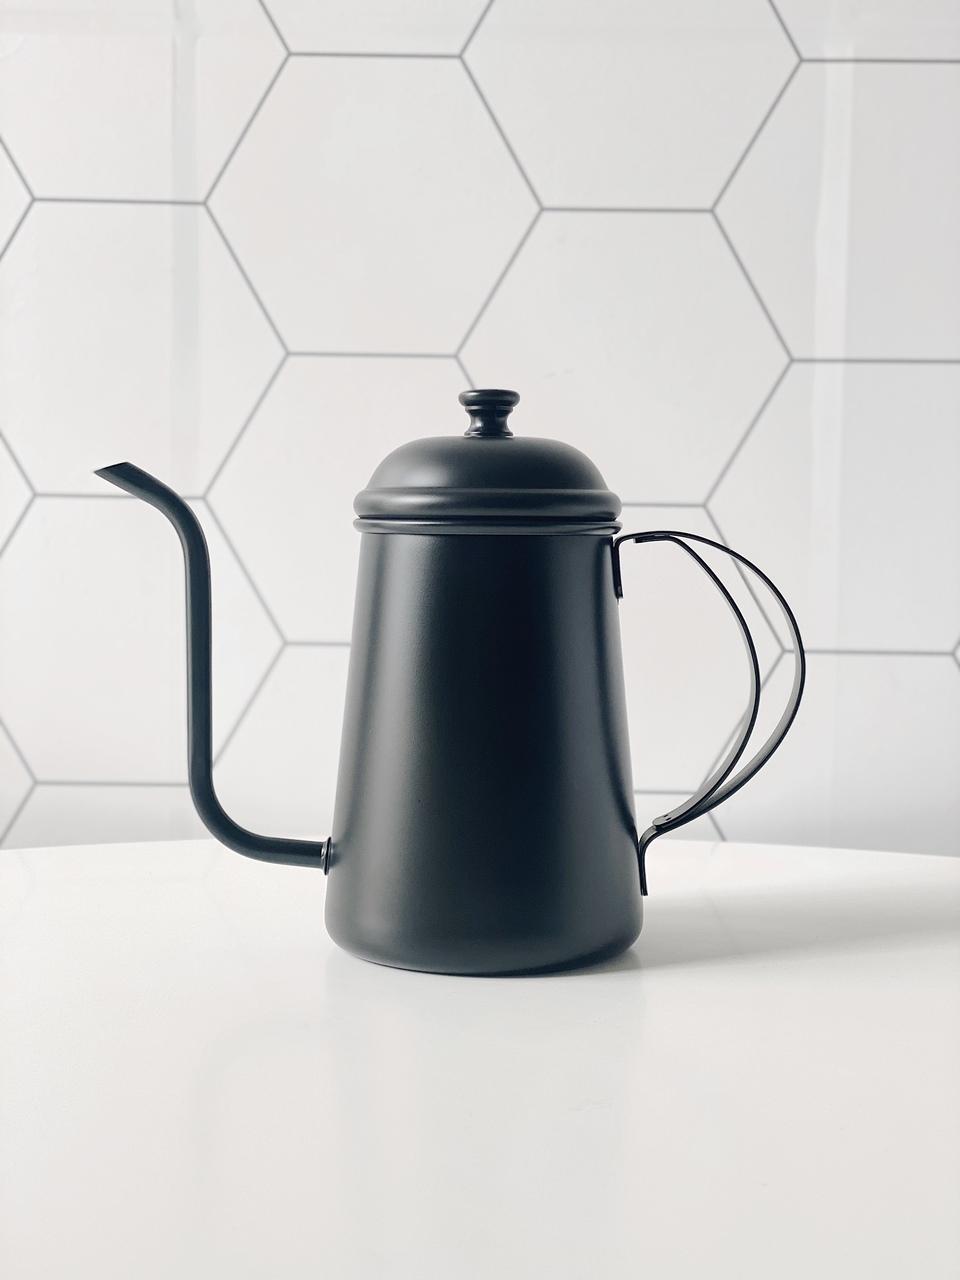 Bule Bico Fino Black - 700ml  - CASACOBRE